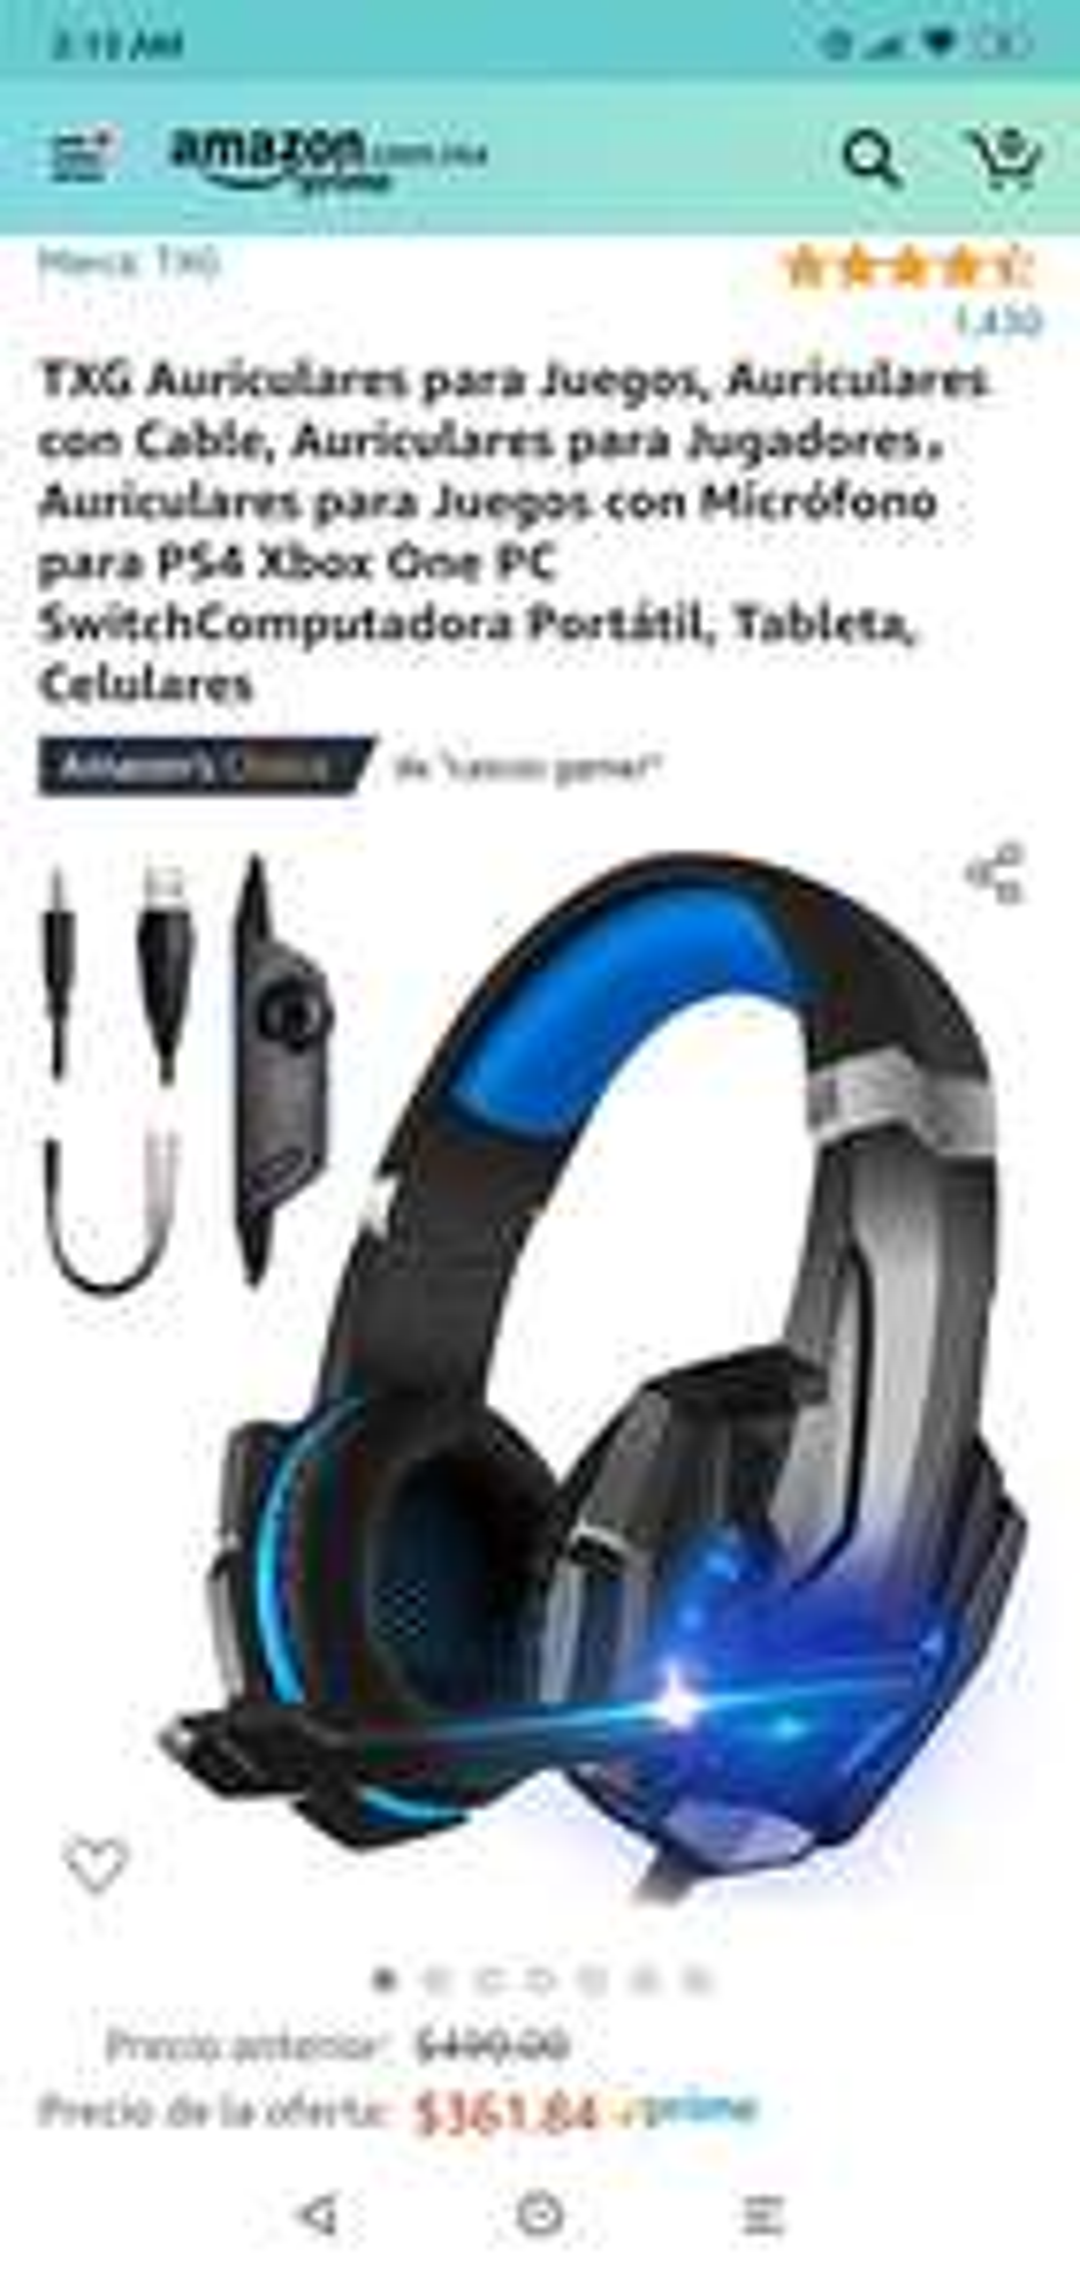 Amazon: Audífonos gaming (compatibles con todas las consolas y pc) con rgb, para más placer.